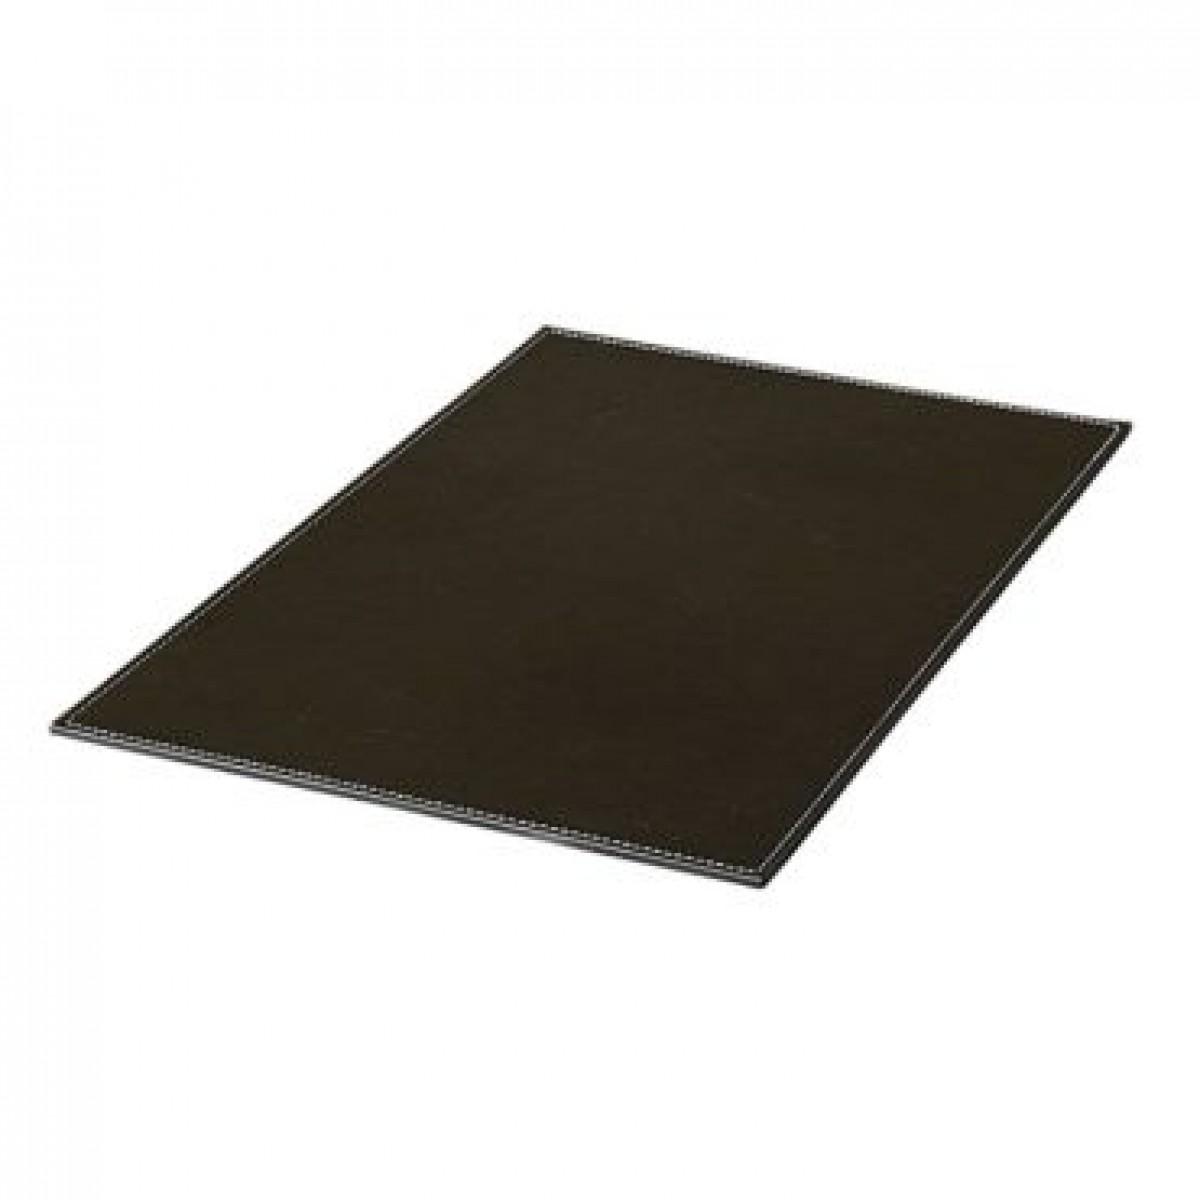 DACORE Dækkeserviet firkantet sort læderlook